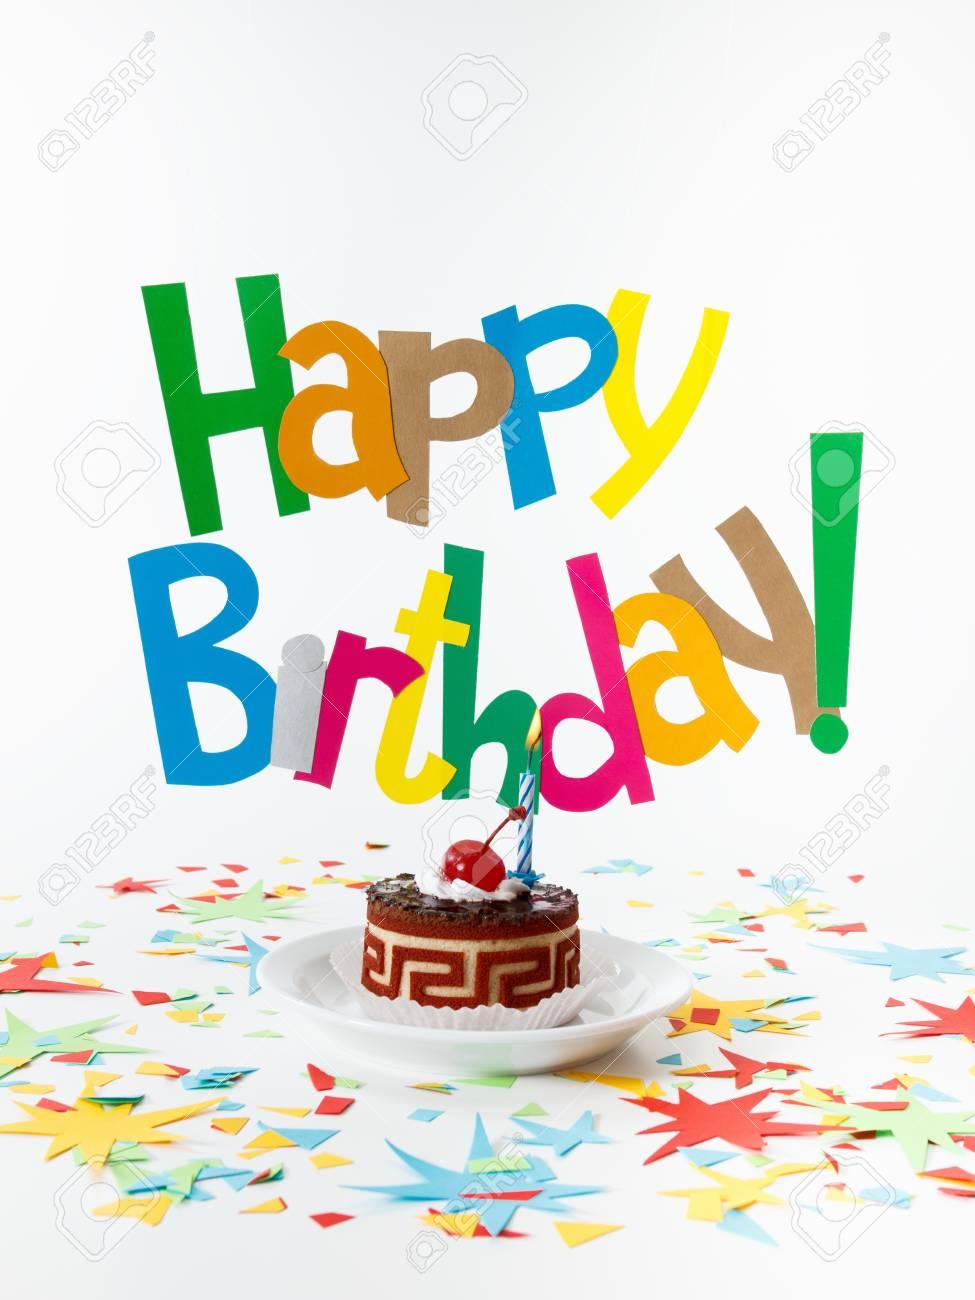 Text Geburtstagsgrüße Und Eine Brennende Kerze Auf Dem Kuchen